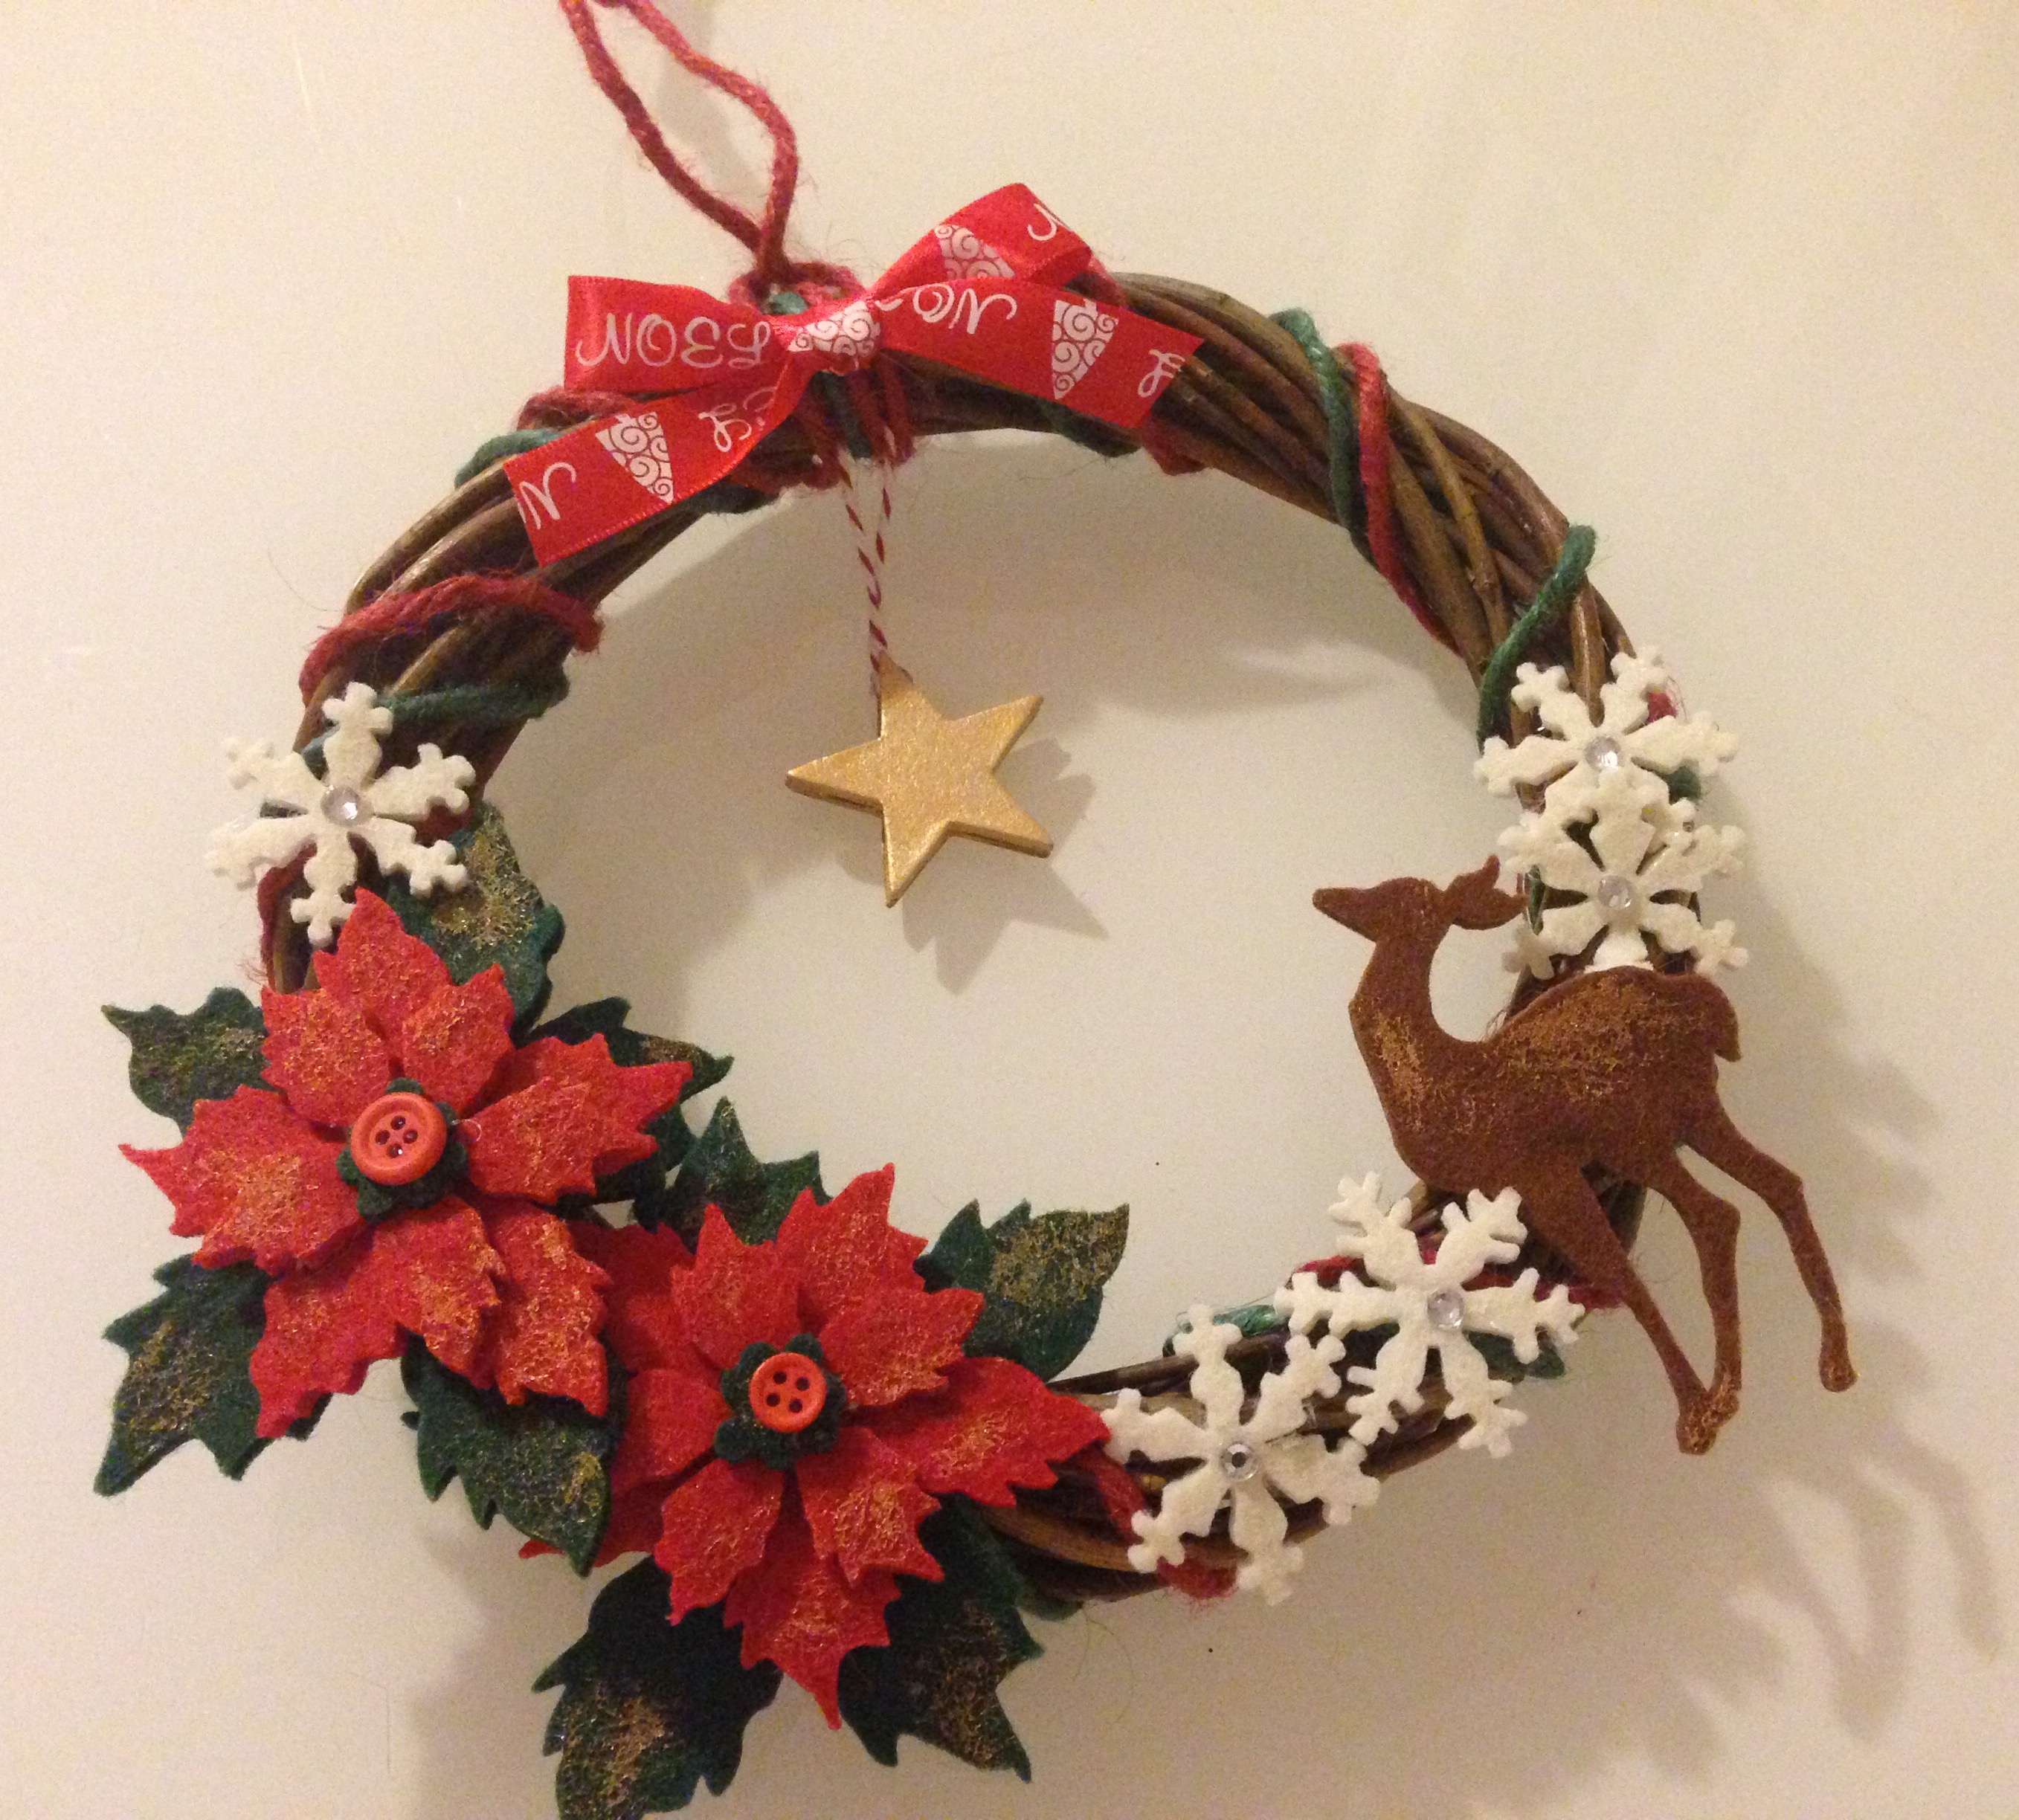 Un ghirlanda di natale realizzata con la mitica big shot - Ghirlande per porte natalizie ...